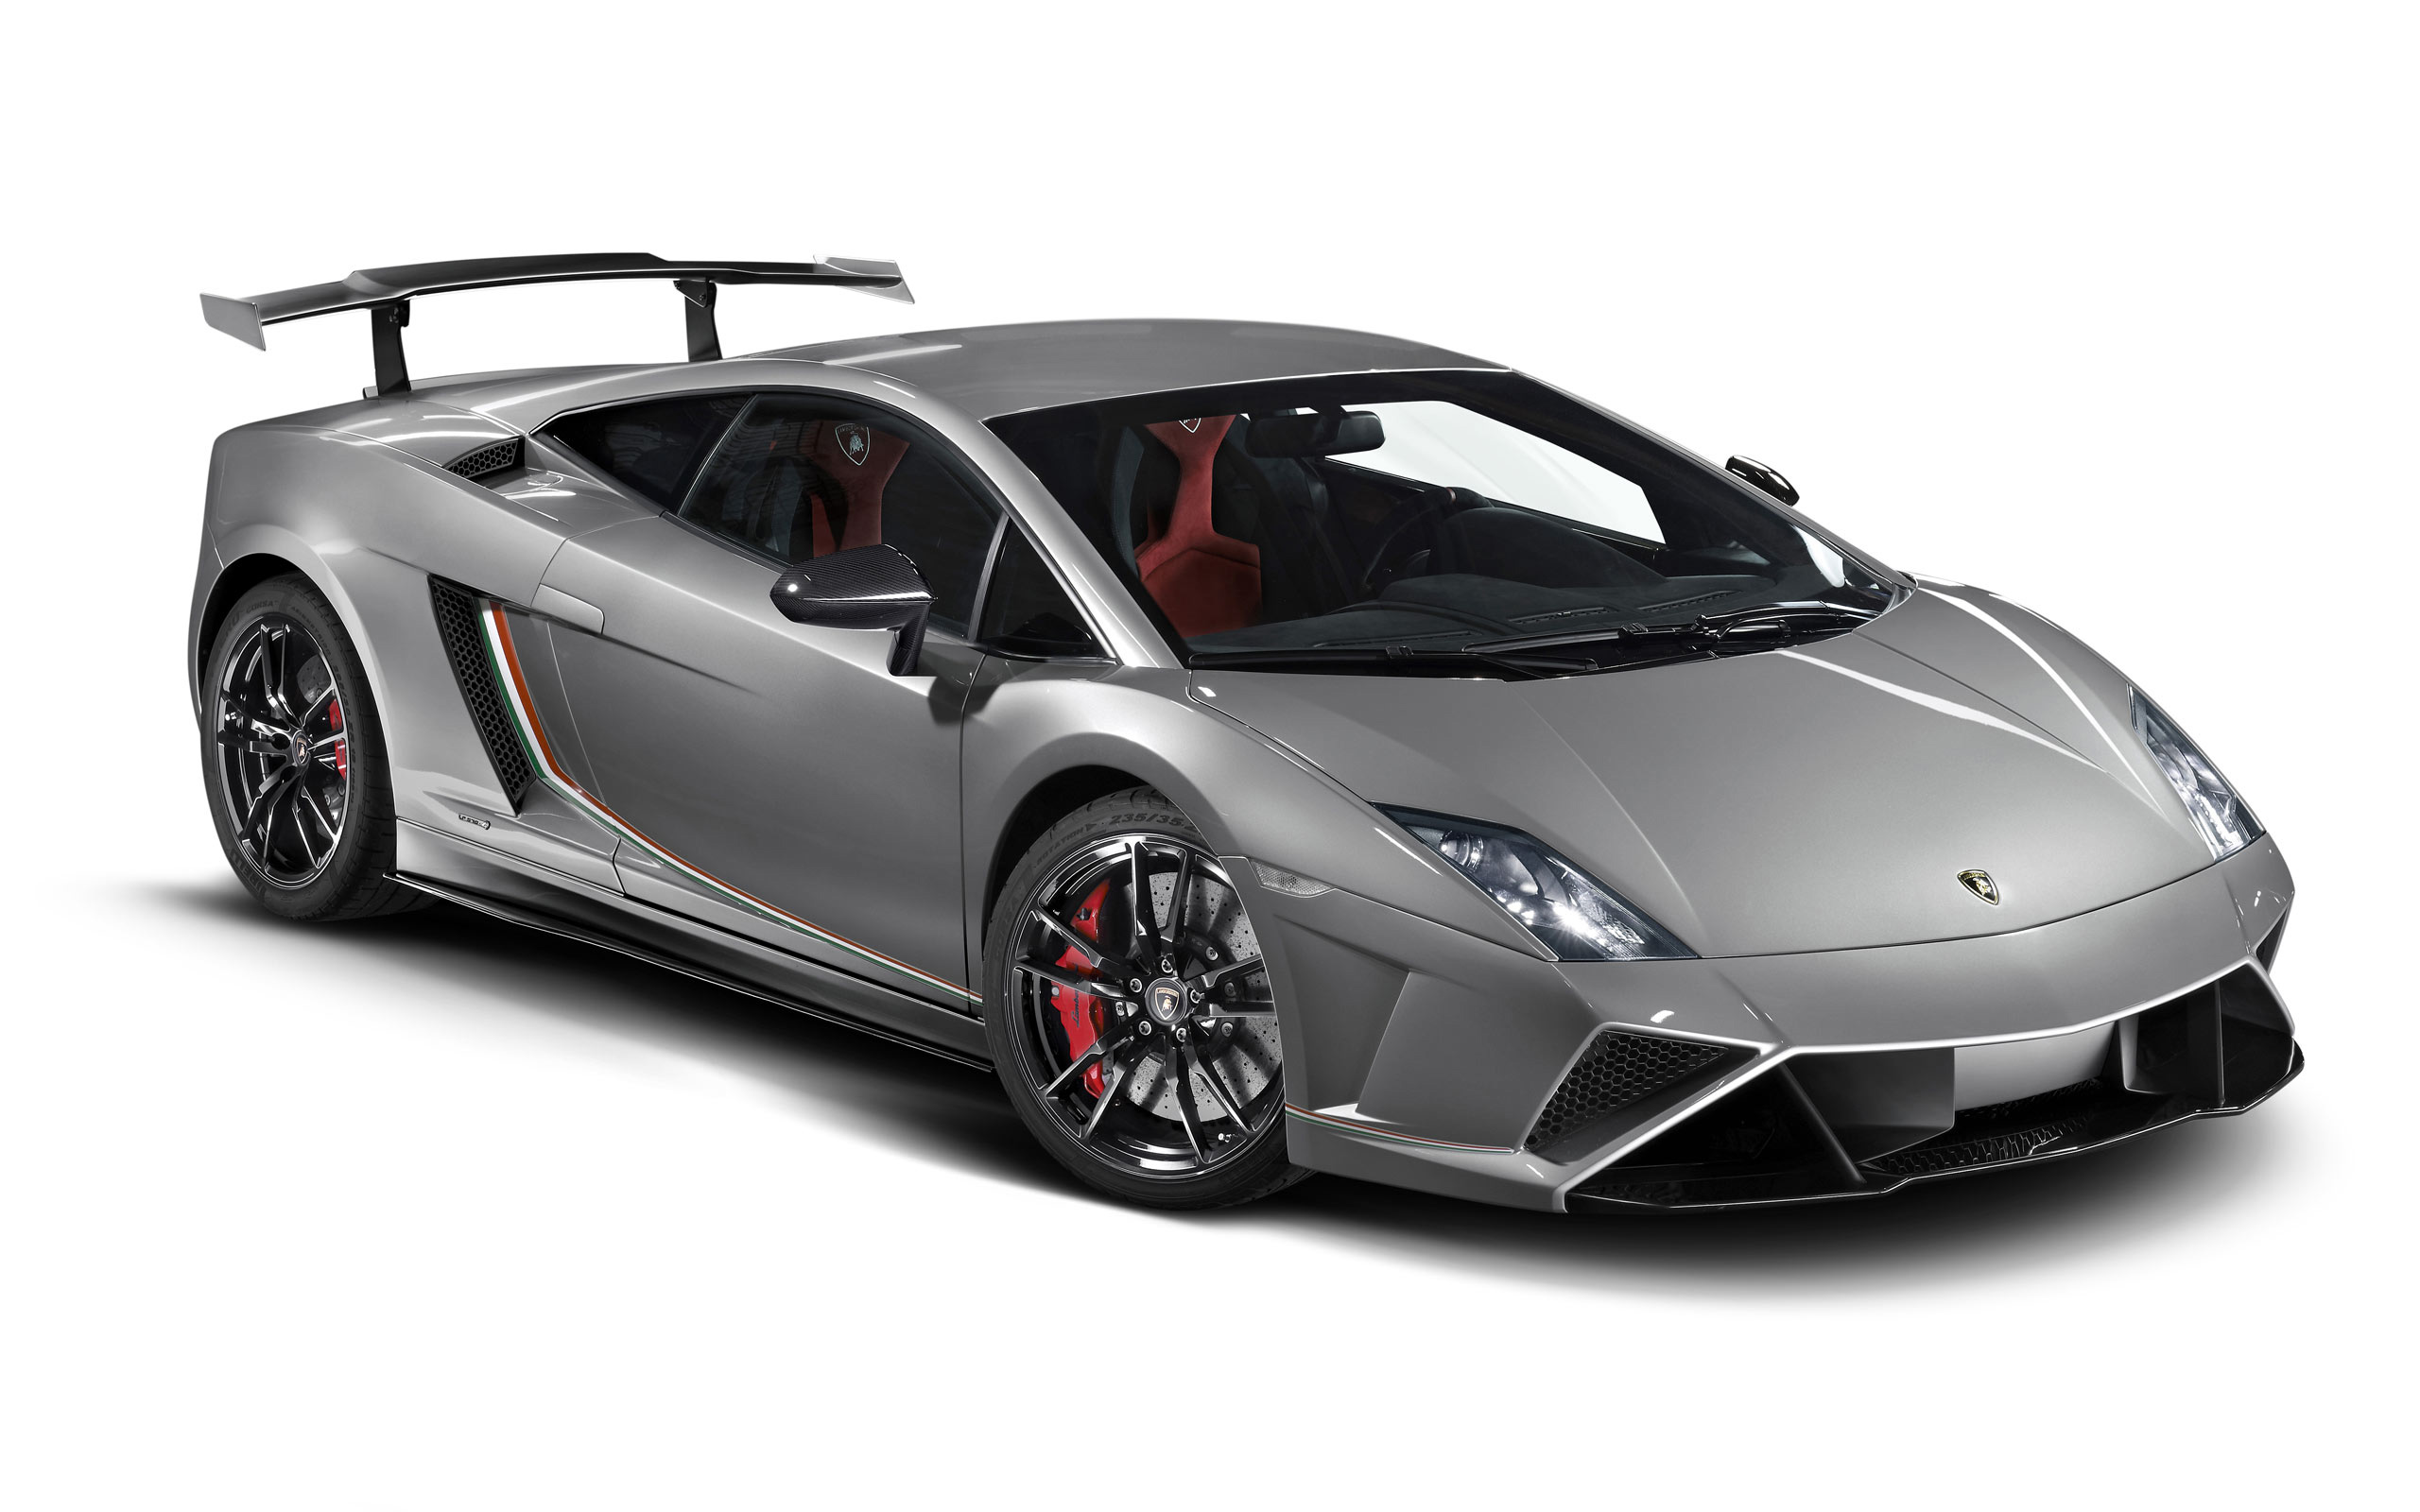 2013 Lamborghini Gallardo LP 570 4 Squadra Corse